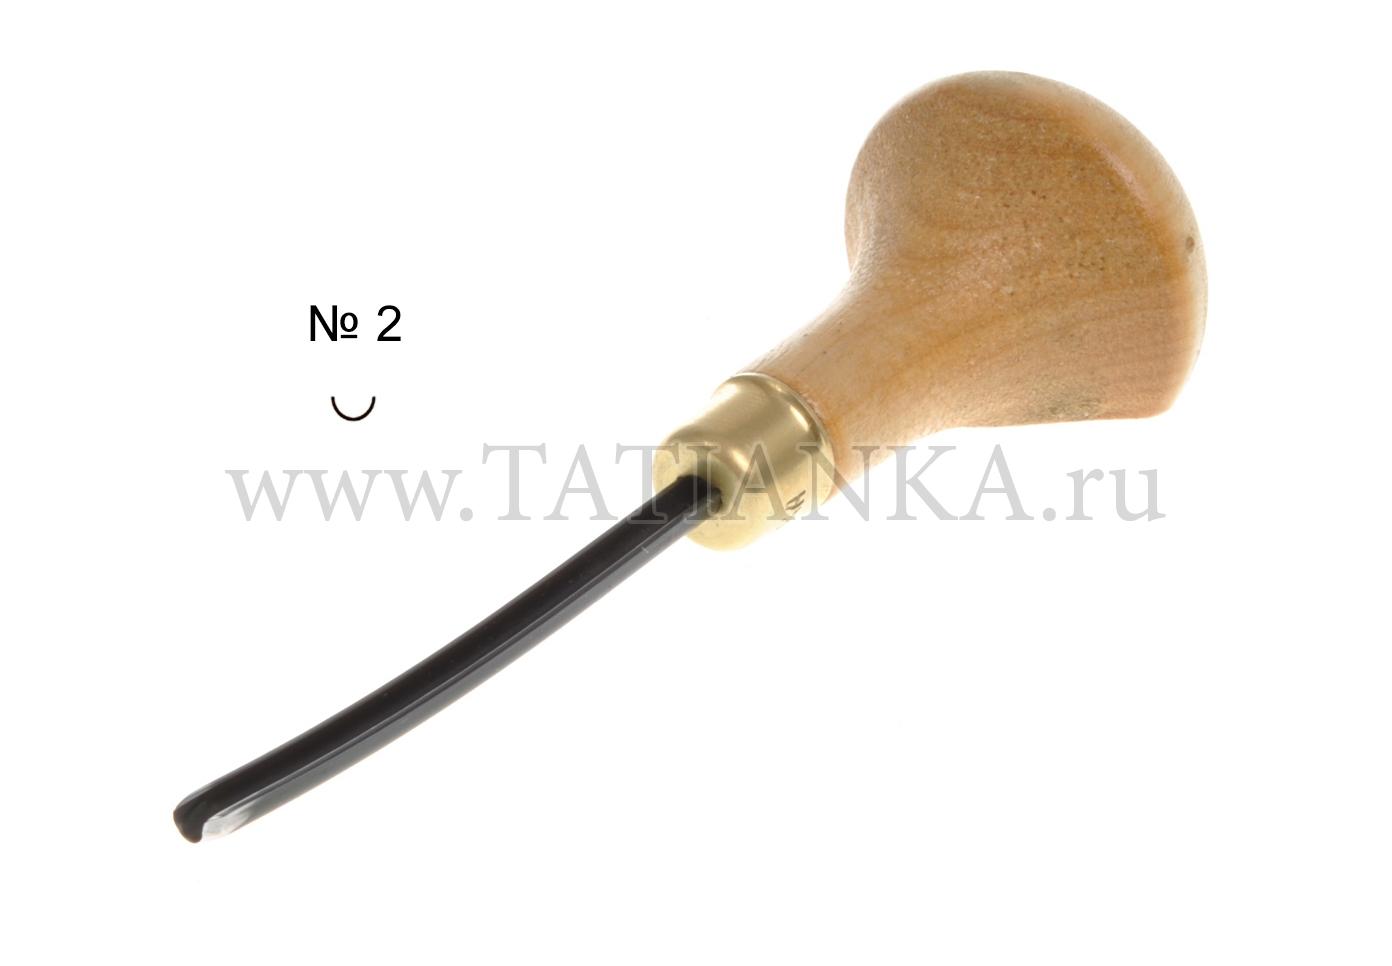 №2 ЛИН-2л/3 Стамеска ТАТЬЯНКА  для линогравюры и резьбы